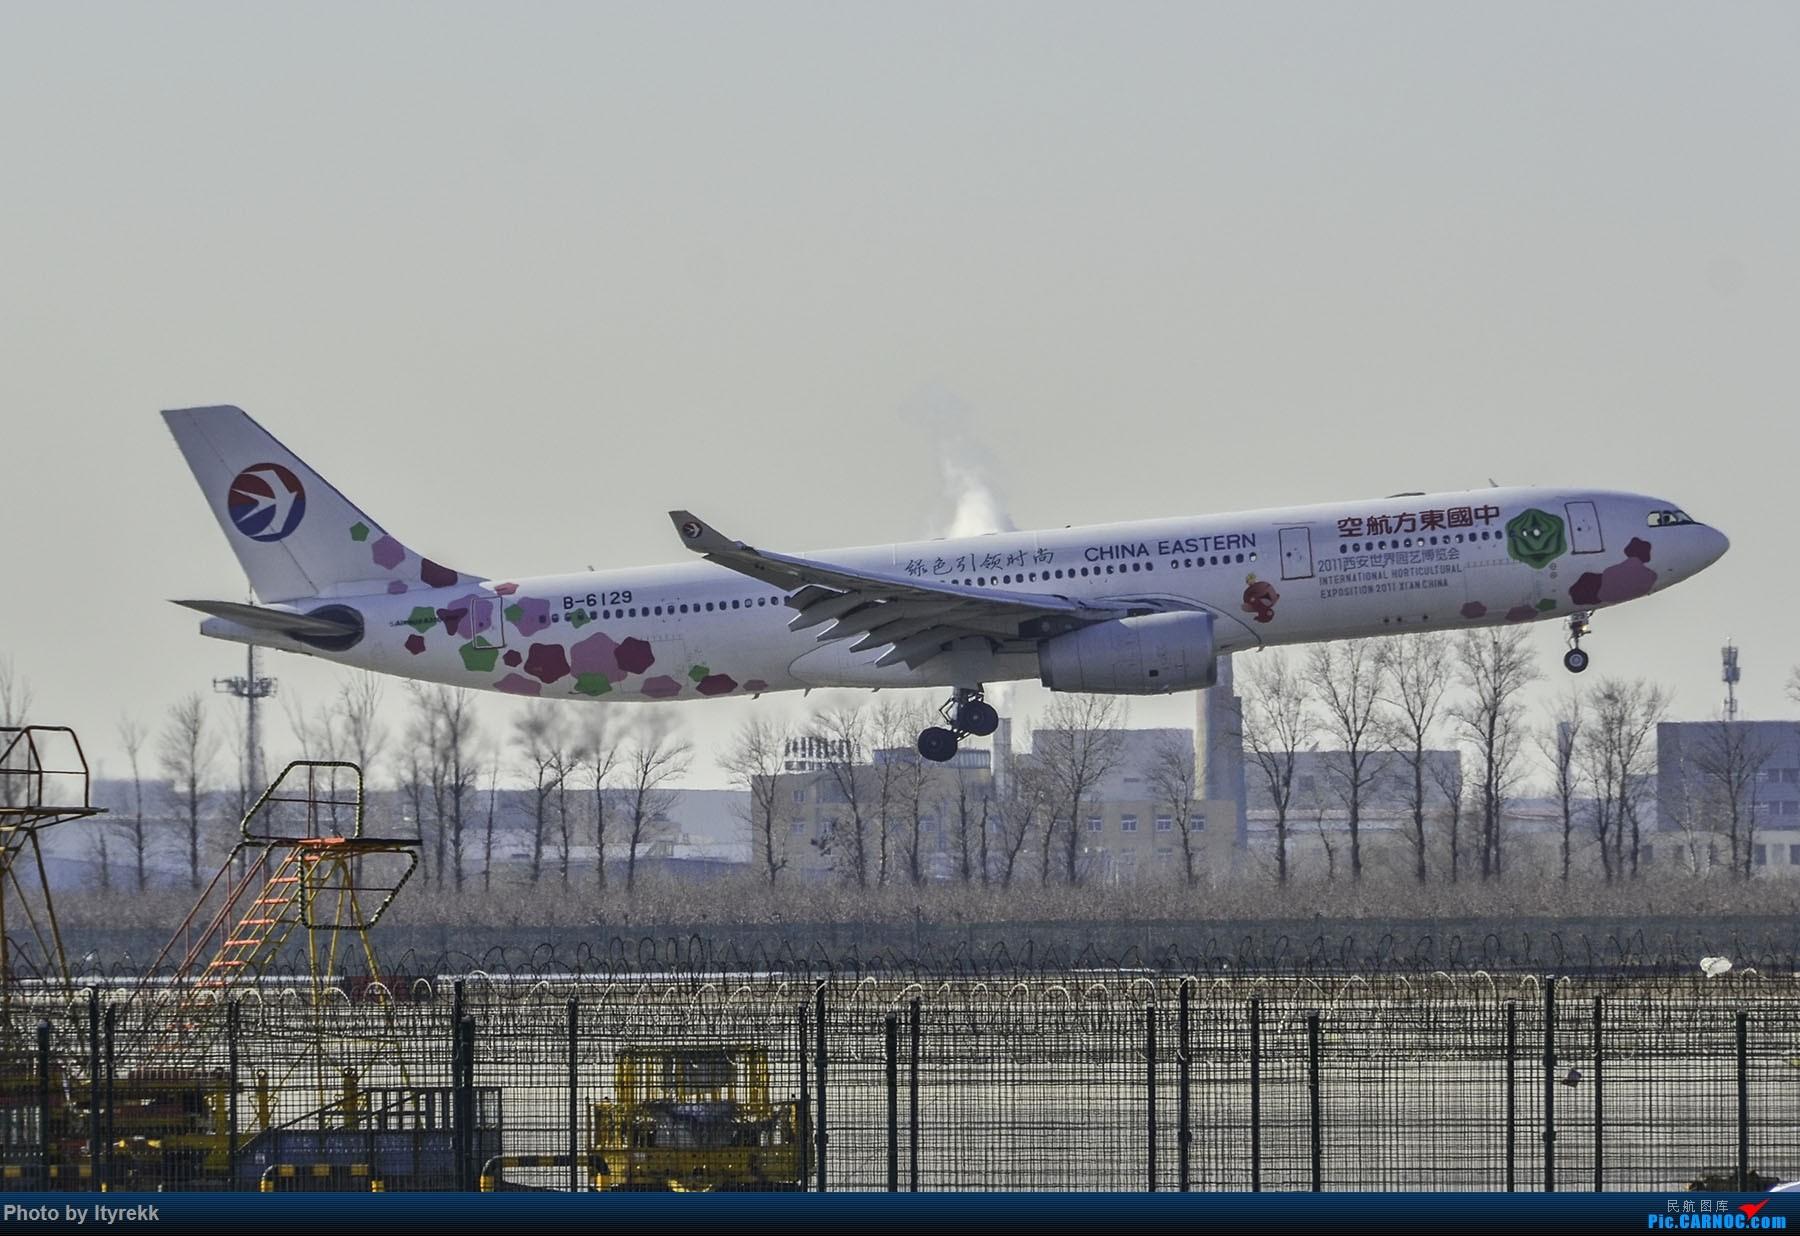 Re:[原创]PEK一日游 收获厦航首架789 B-1566等 AIRBUS A330-300 B-6129 中国北京首都国际机场